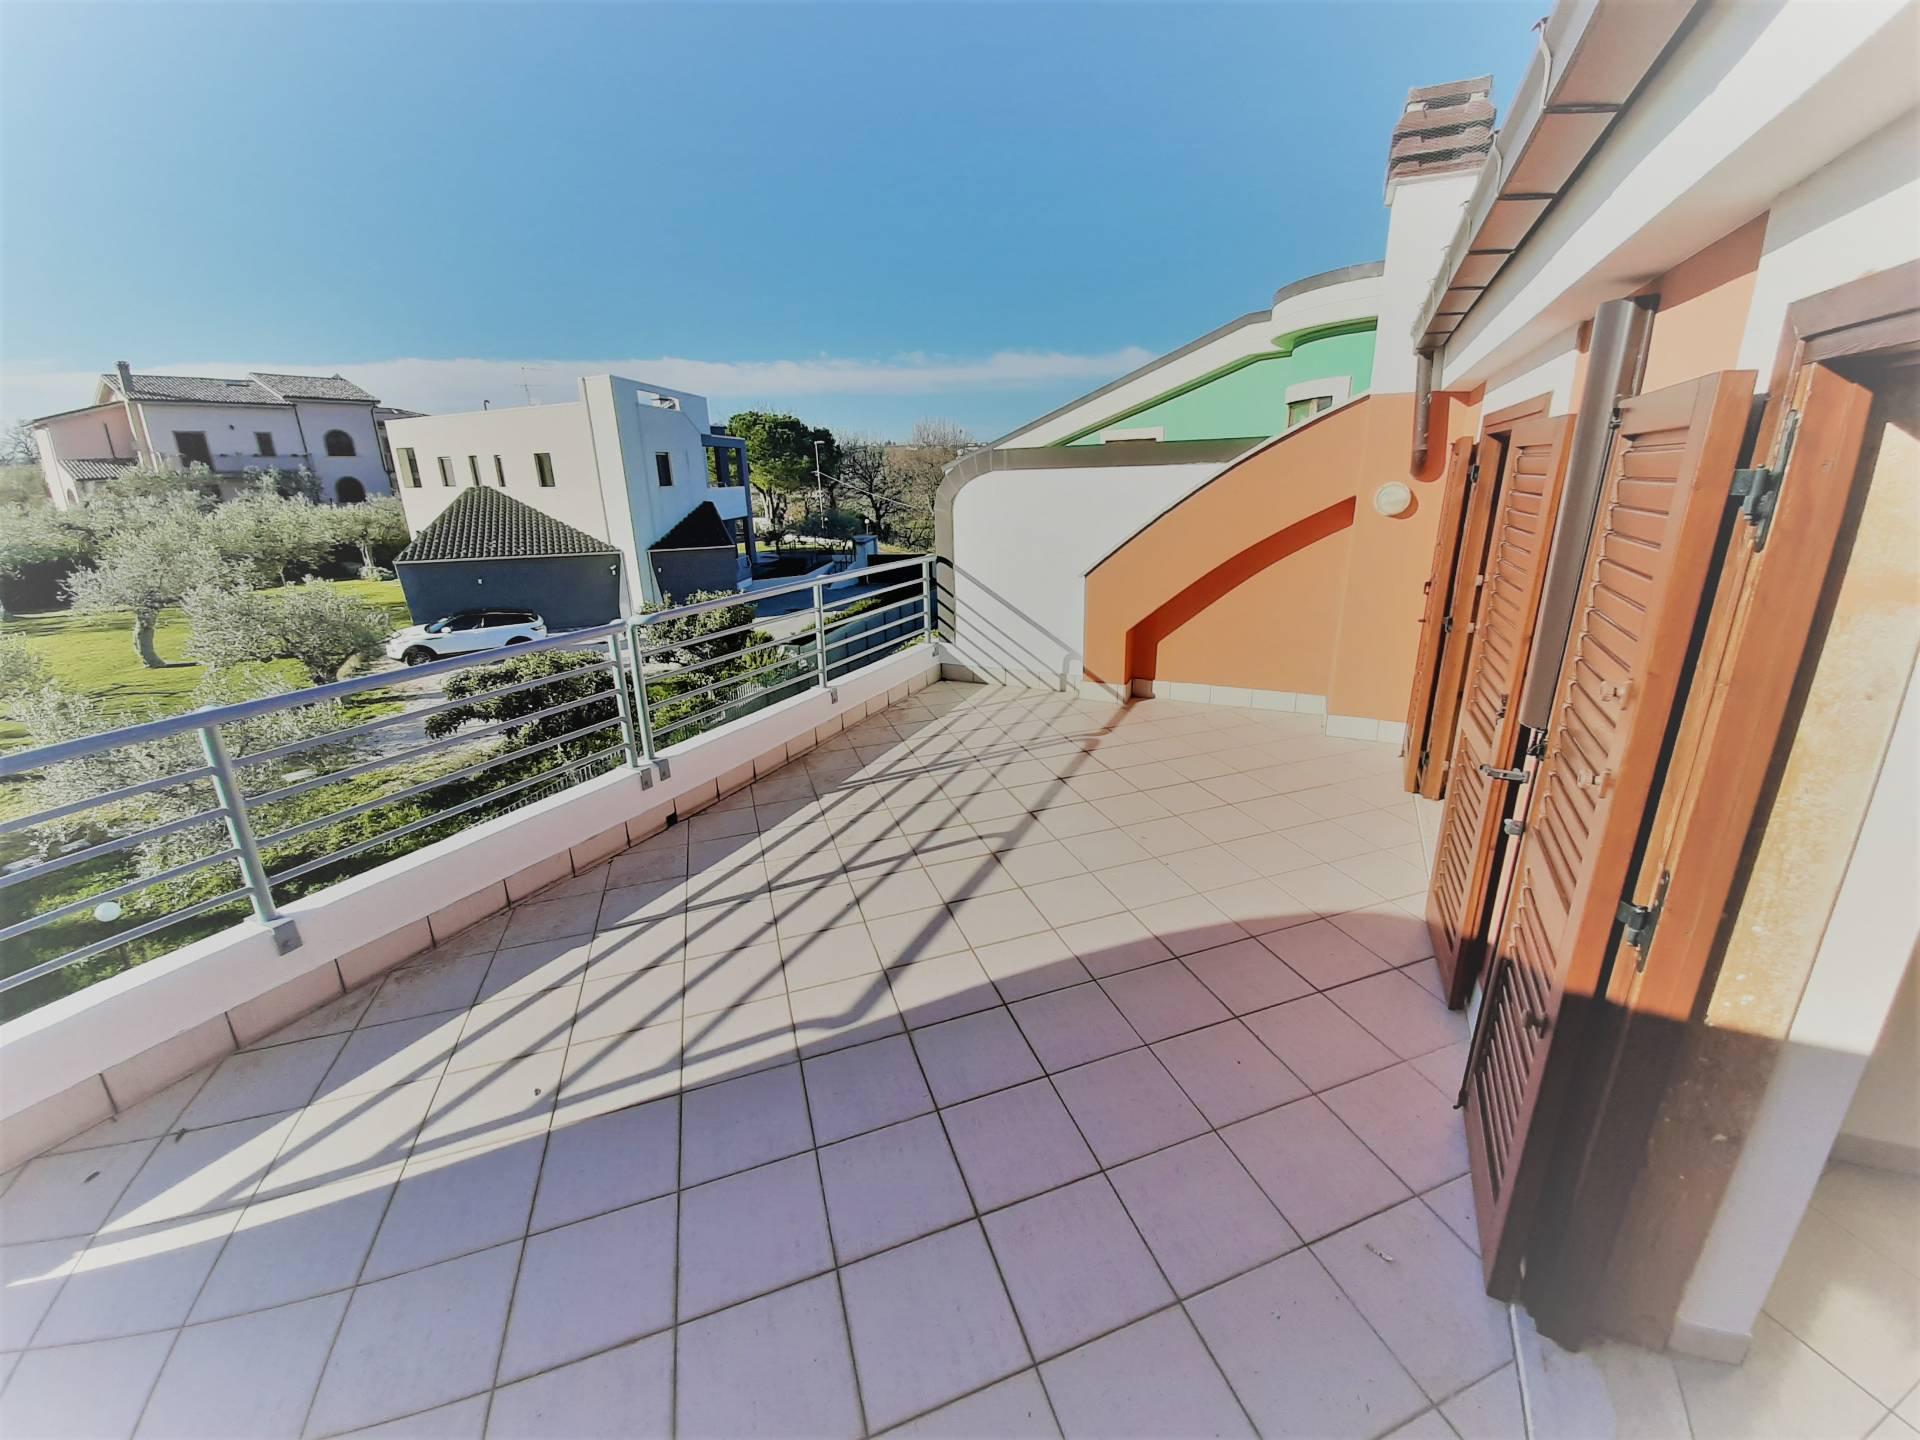 Appartamento in vendita a Vasto, 4 locali, zona Località: VastoPaese, prezzo € 195.000 | PortaleAgenzieImmobiliari.it